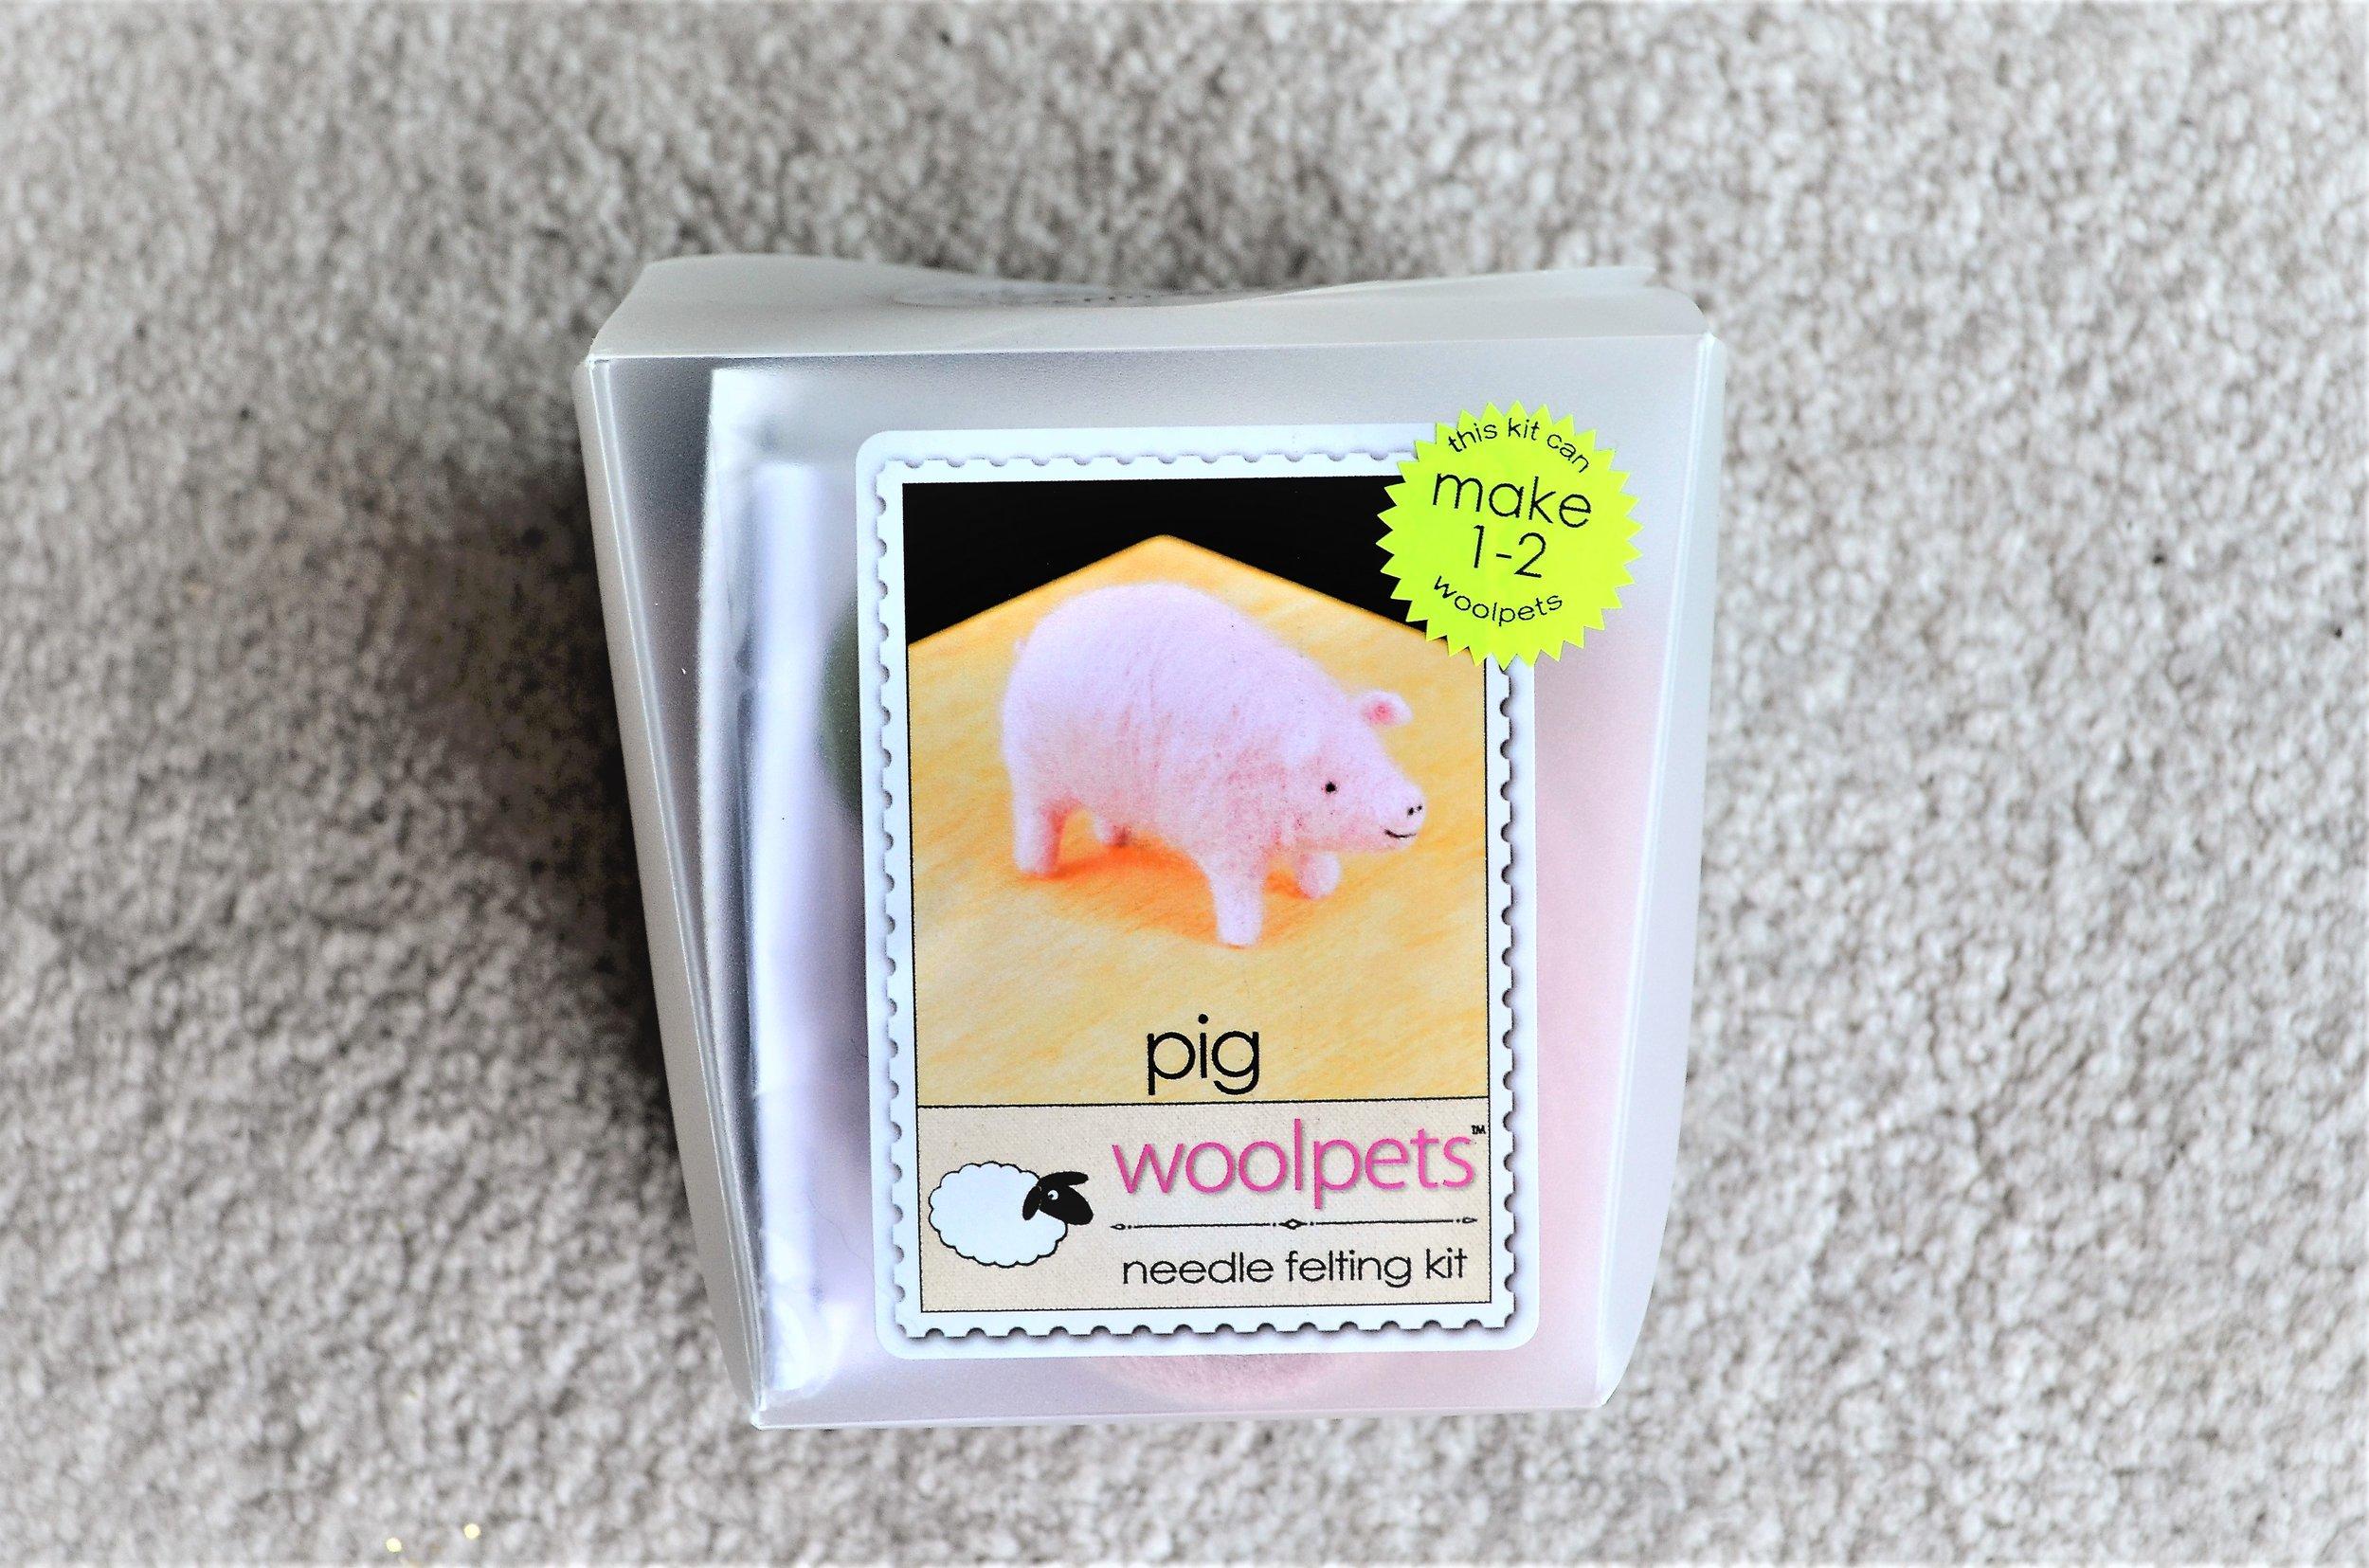 woolpets felt kit / gifts for knitters crochet felting